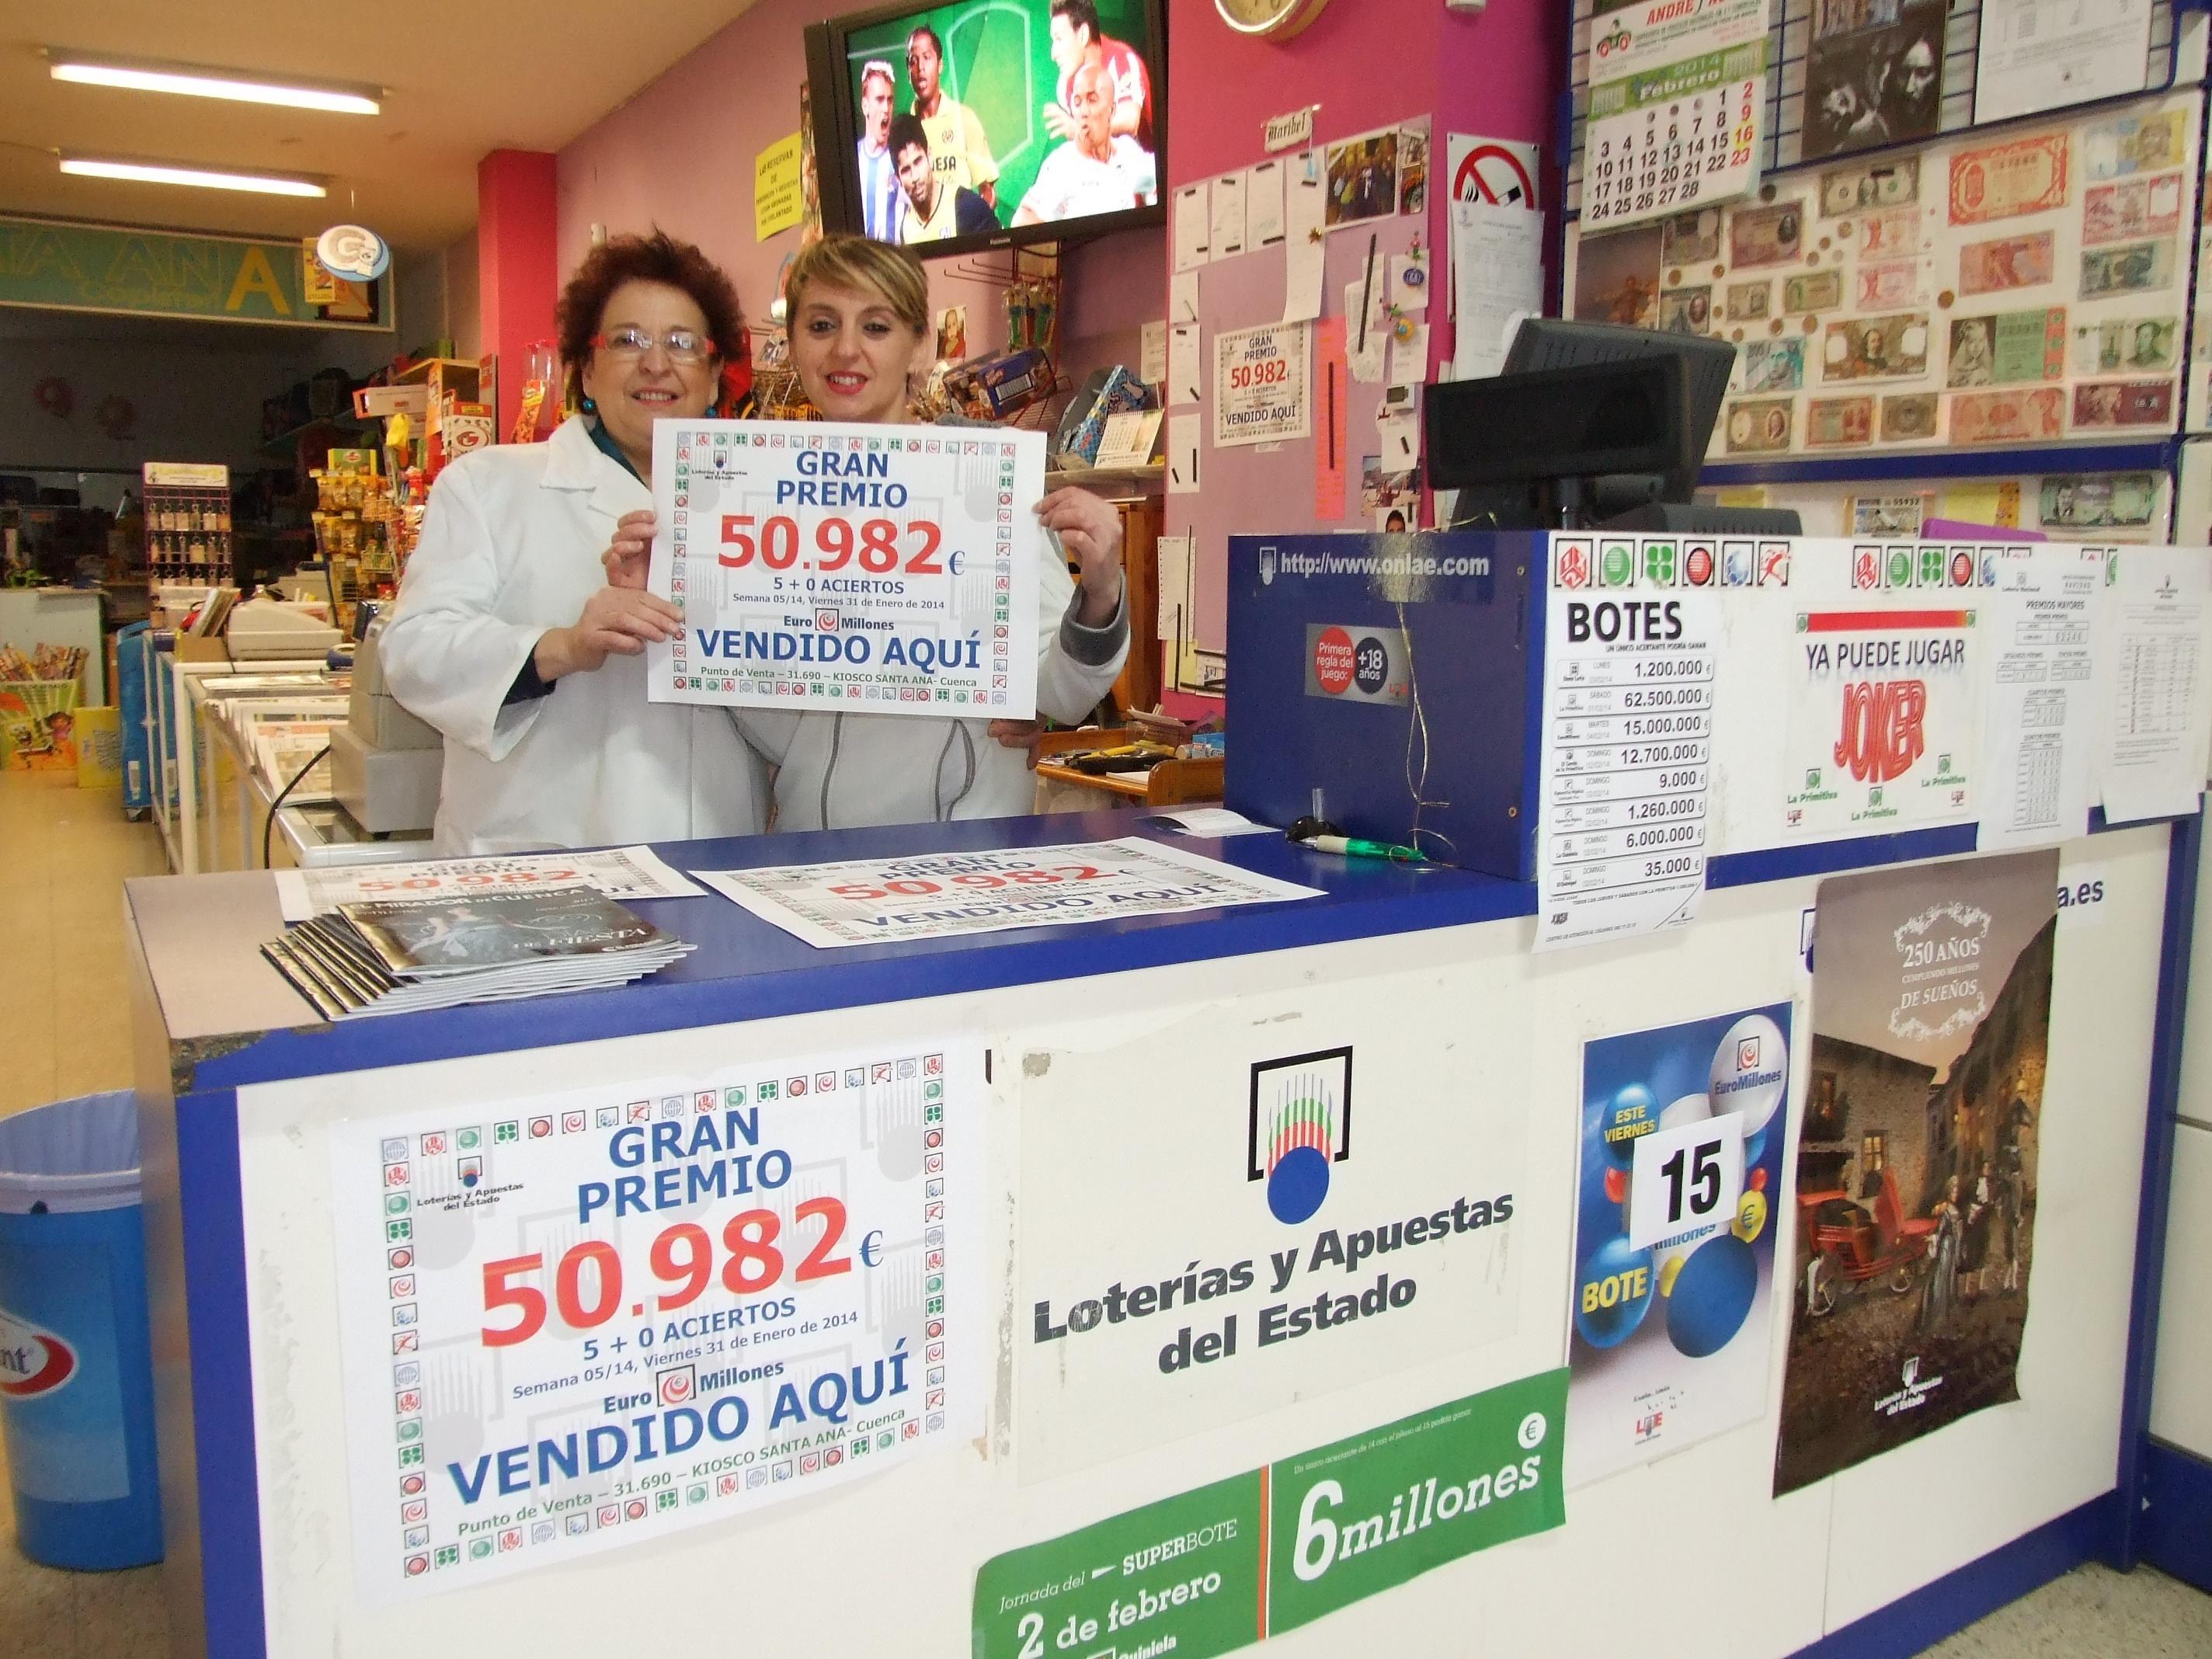 Agraciado con 50.982 euros un boleto acertante de tercera categoría del sorteo de Euromillones